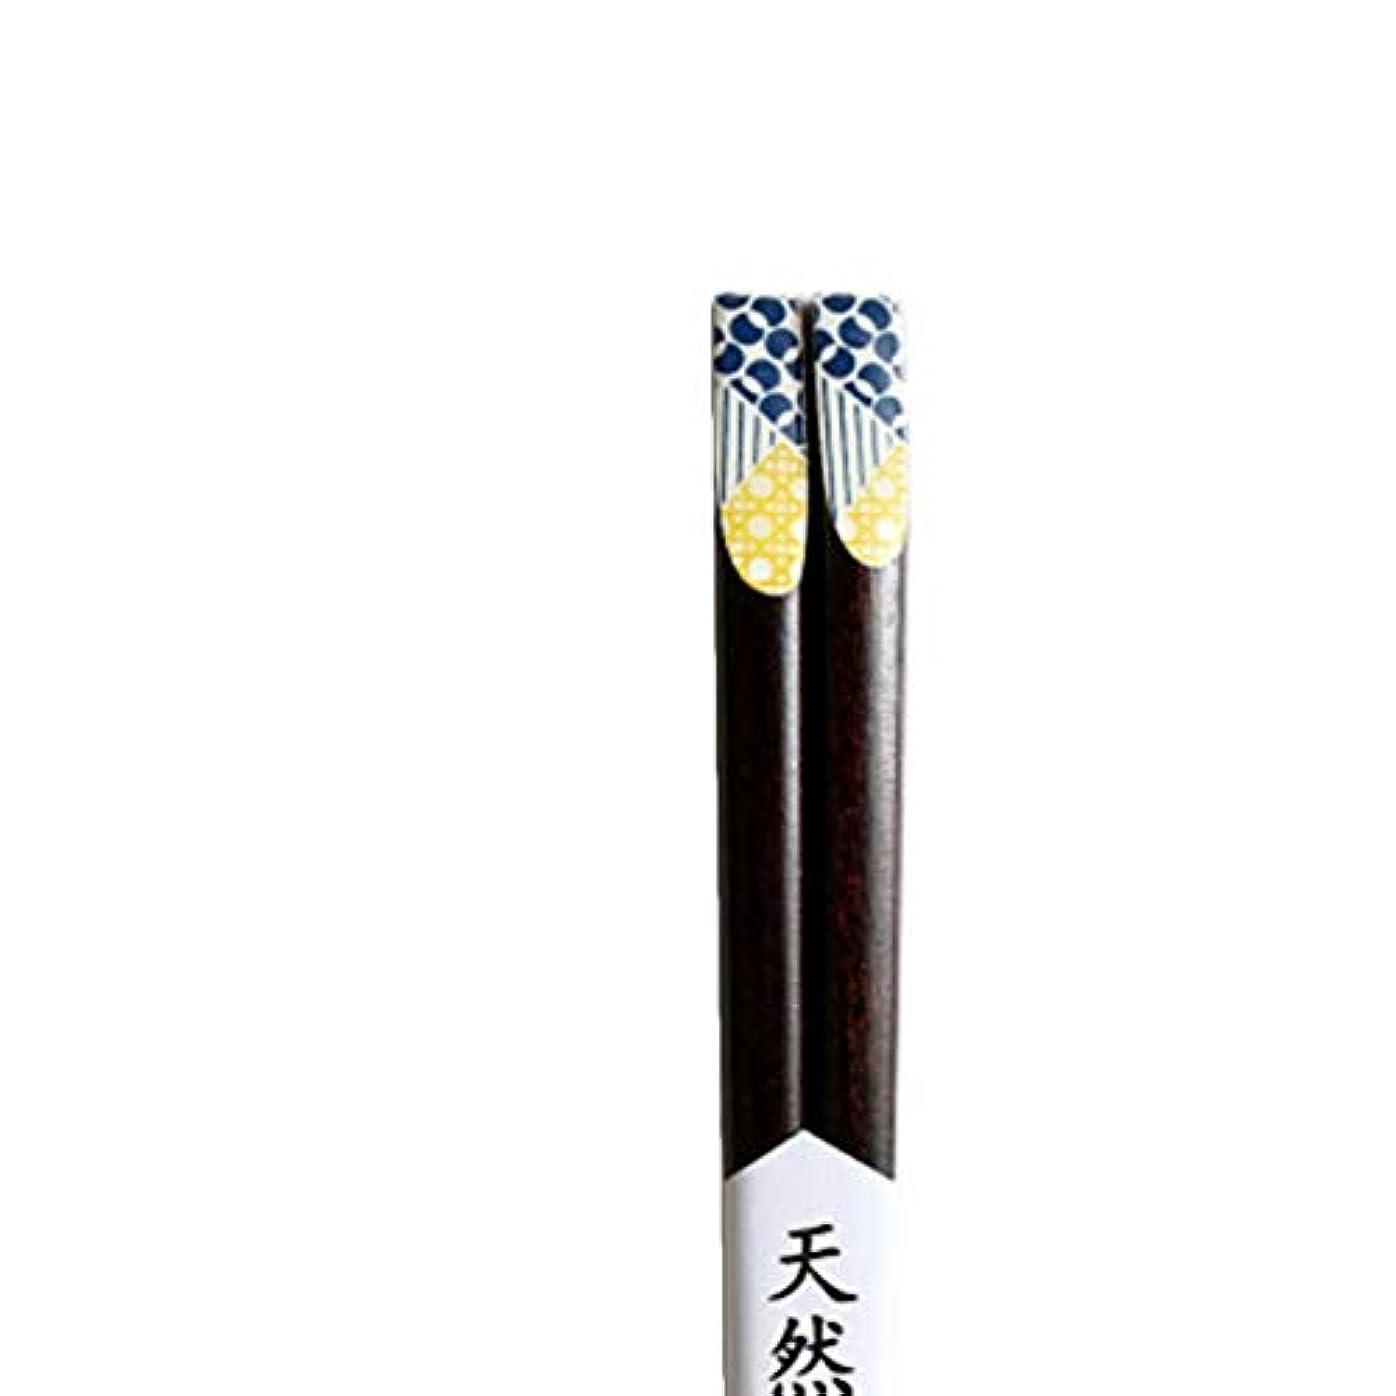 Yoshilimen ホームアクセサリーアクセサリー木製木箸木箸(None Blue and yellow dot mixing)